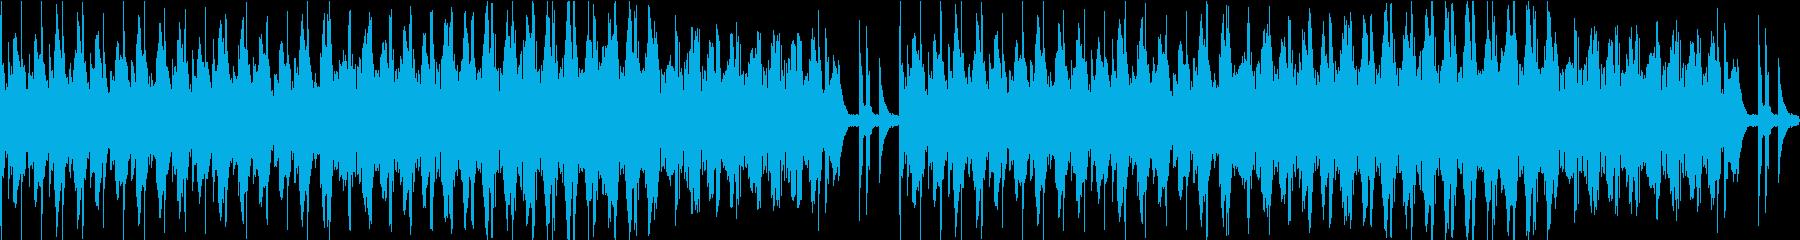 あやしく緊張感・緊迫感のあるBGMの再生済みの波形